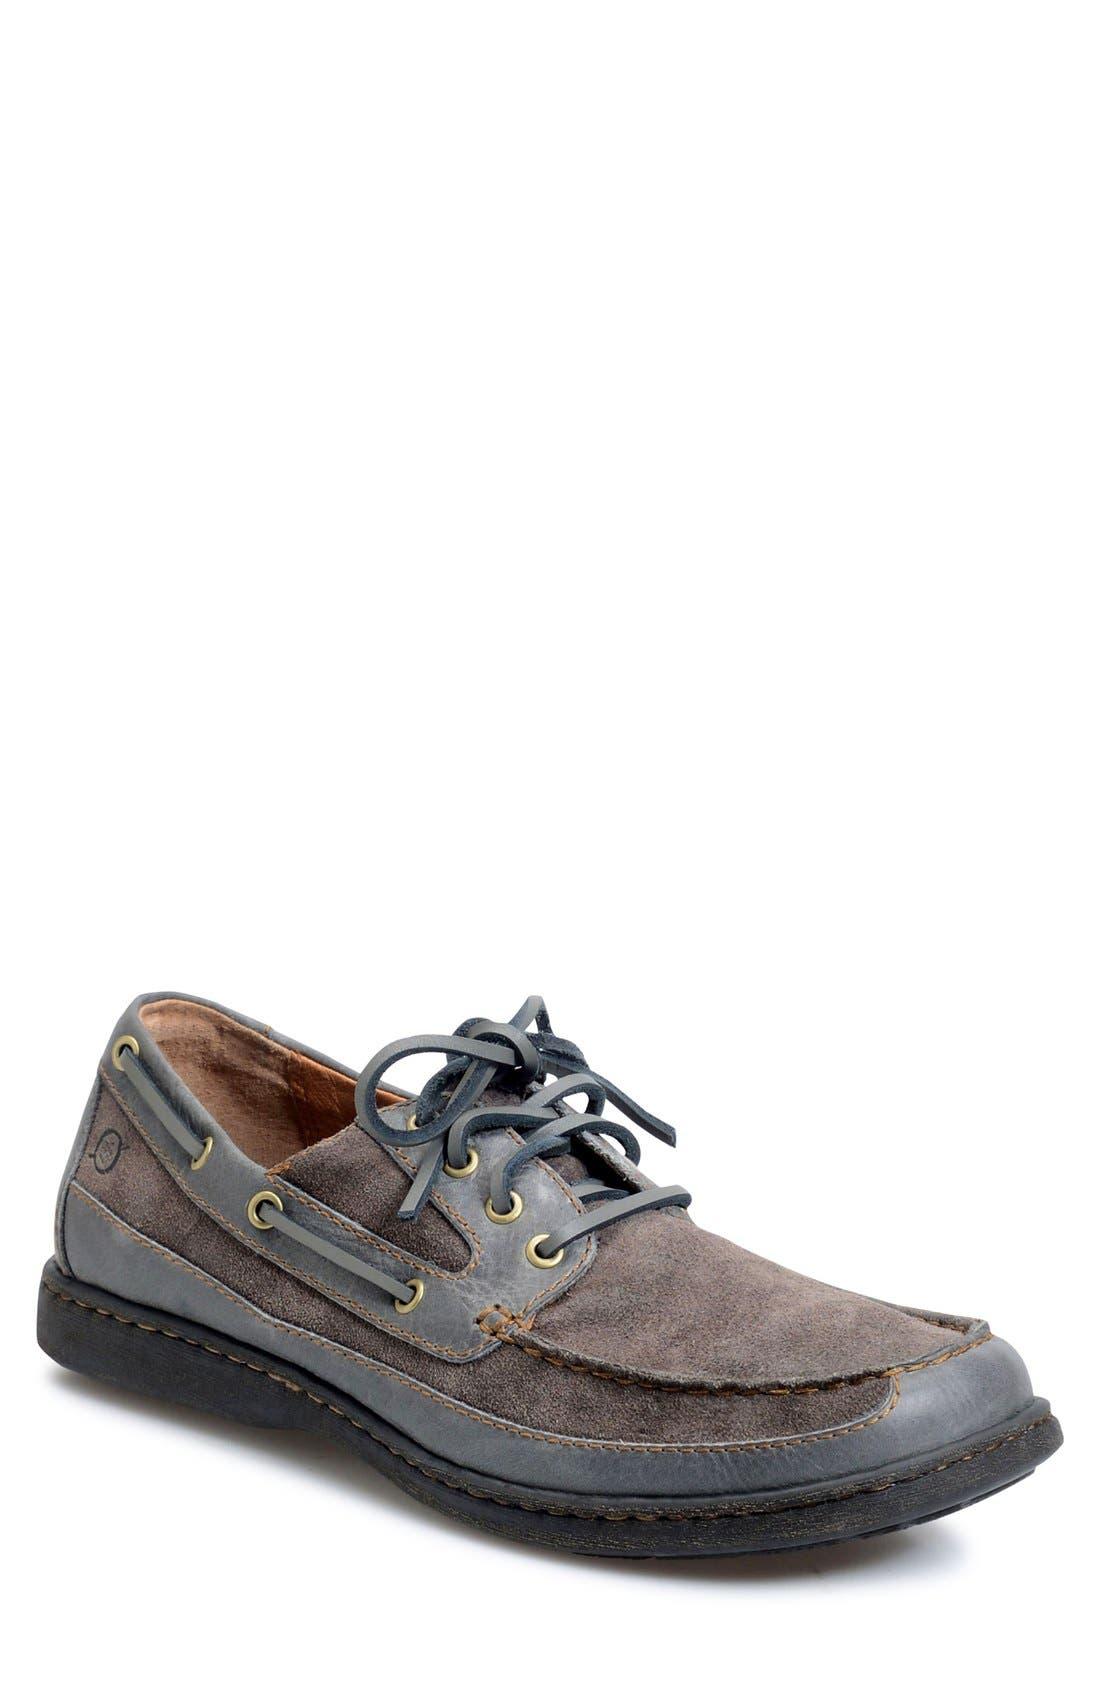 BØRN 'Harwich' Boat Shoe